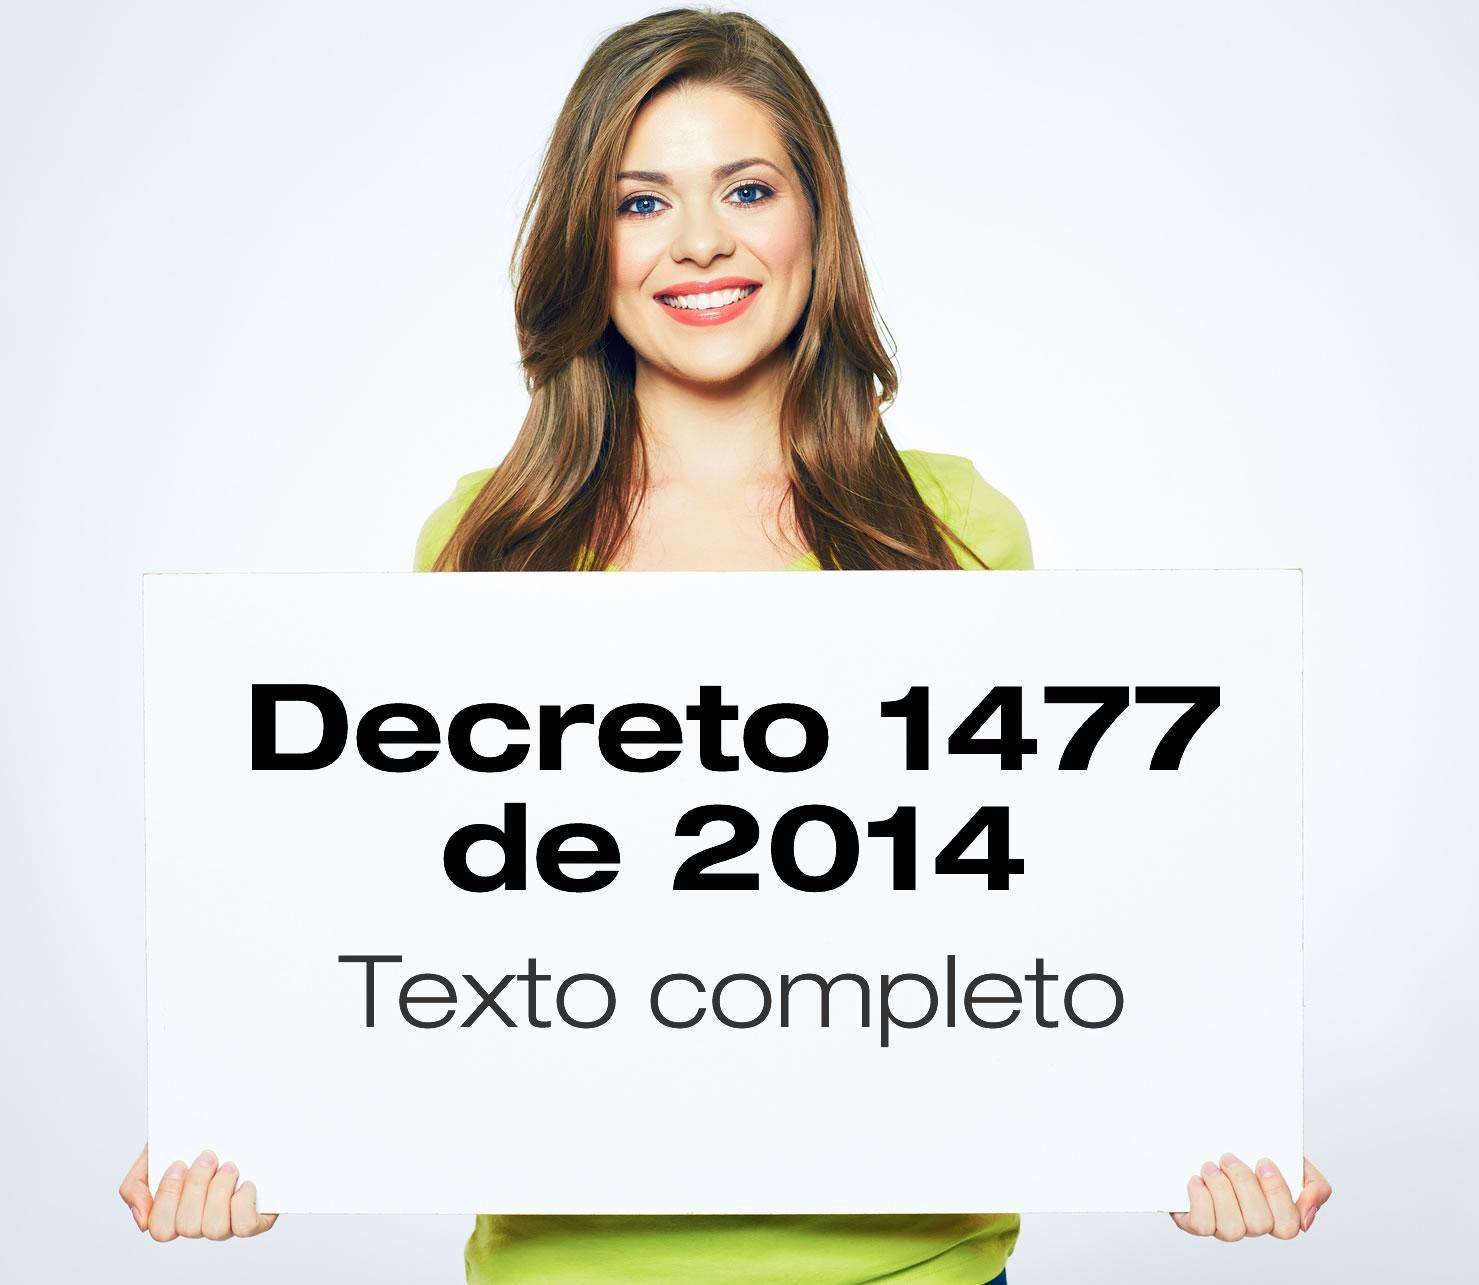 El Decreto 1477 de 2014 expide la tabla de enfermedades laborales